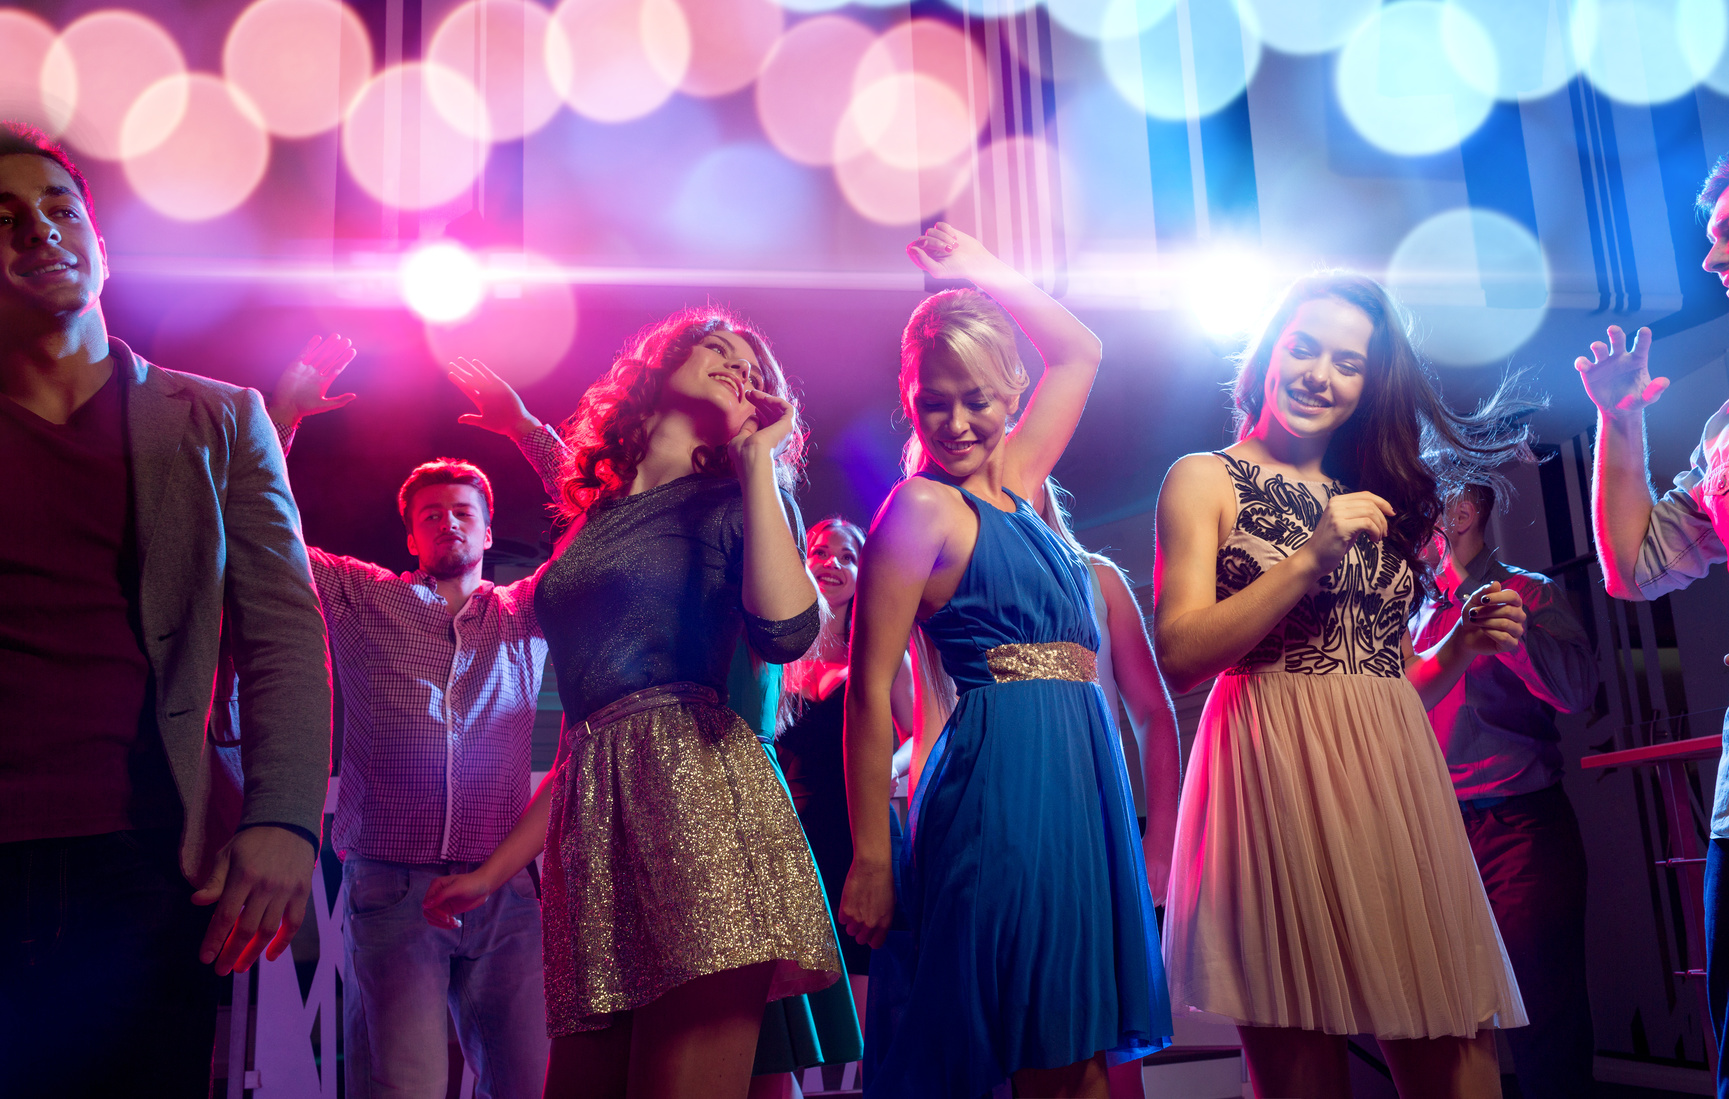 Junge Menschen beim Tanzen